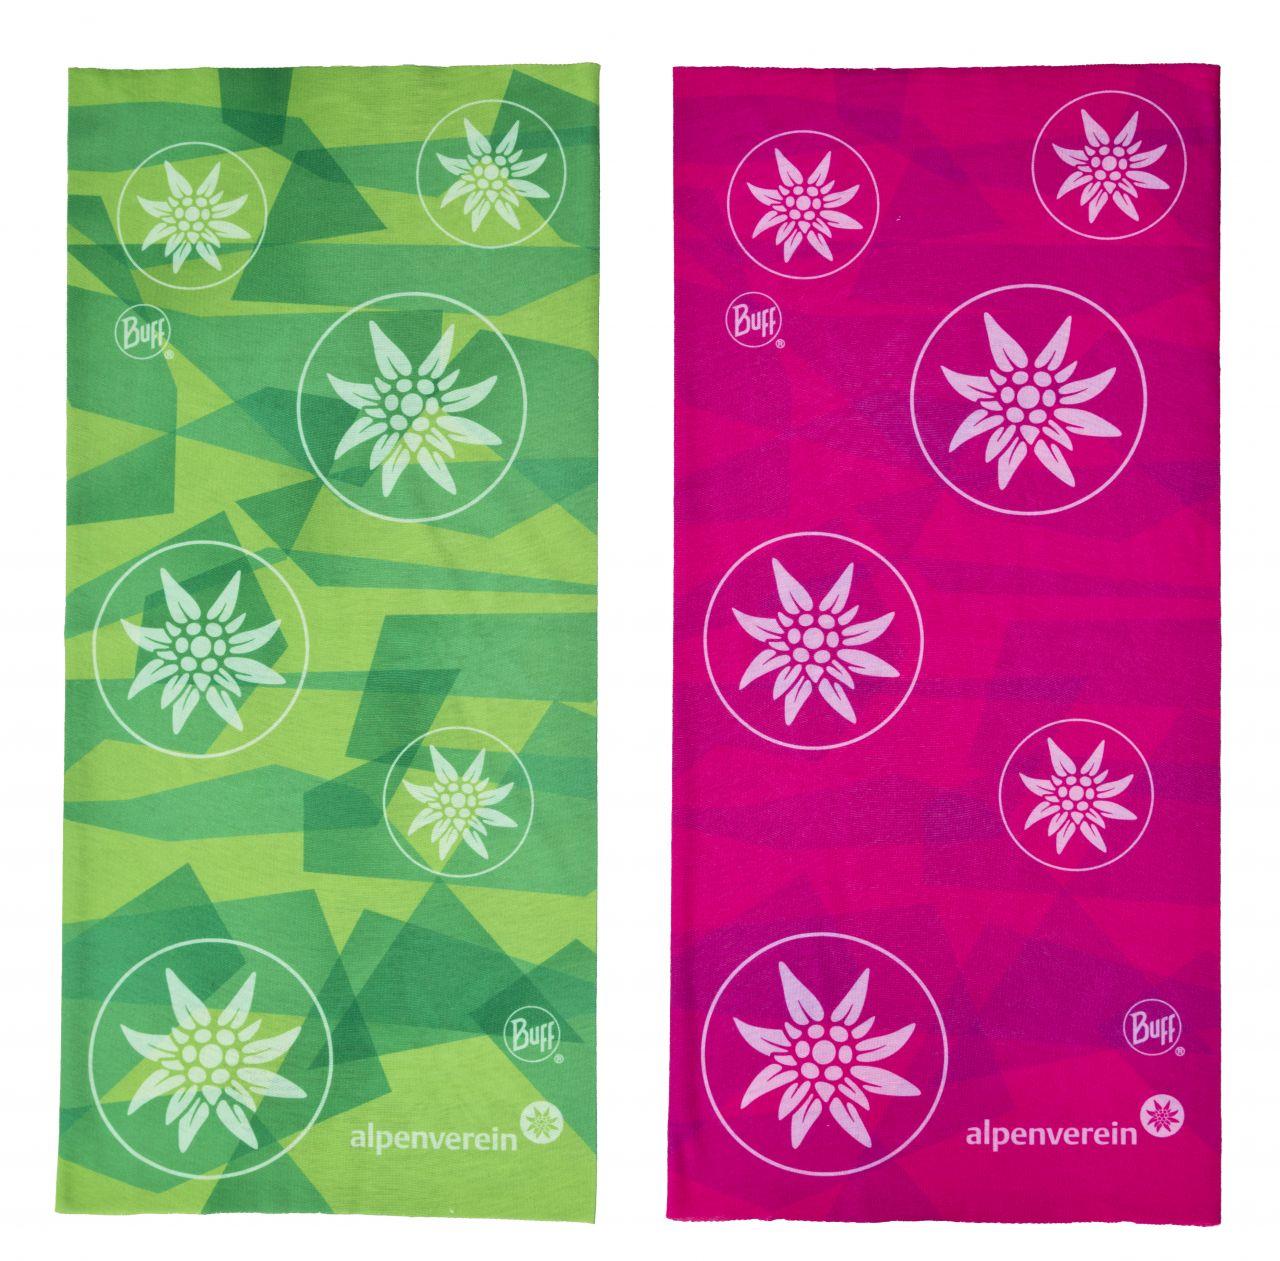 Schlauchtuch/Buff pink und grün